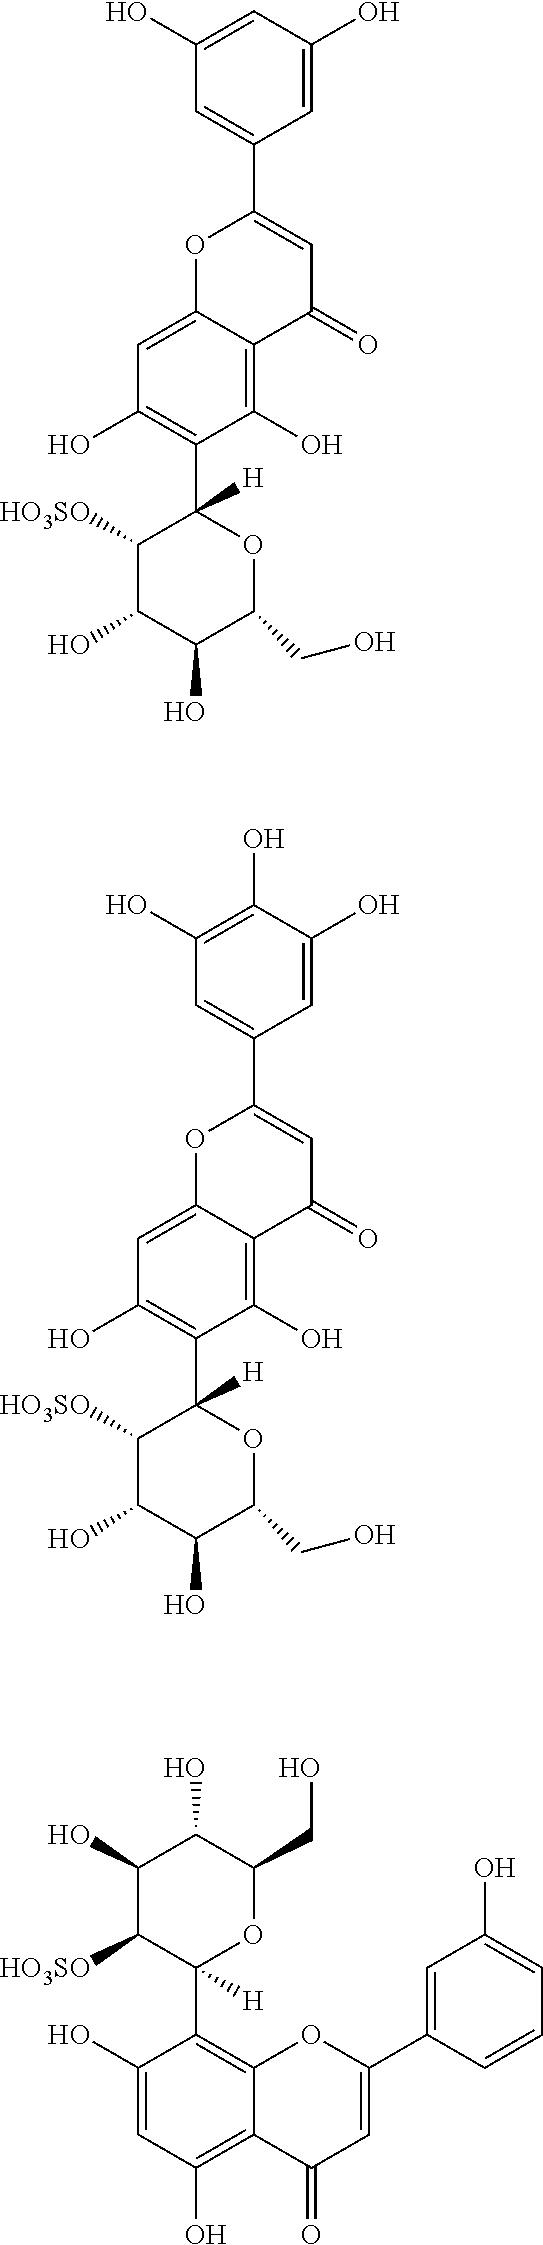 Figure US09962344-20180508-C00185